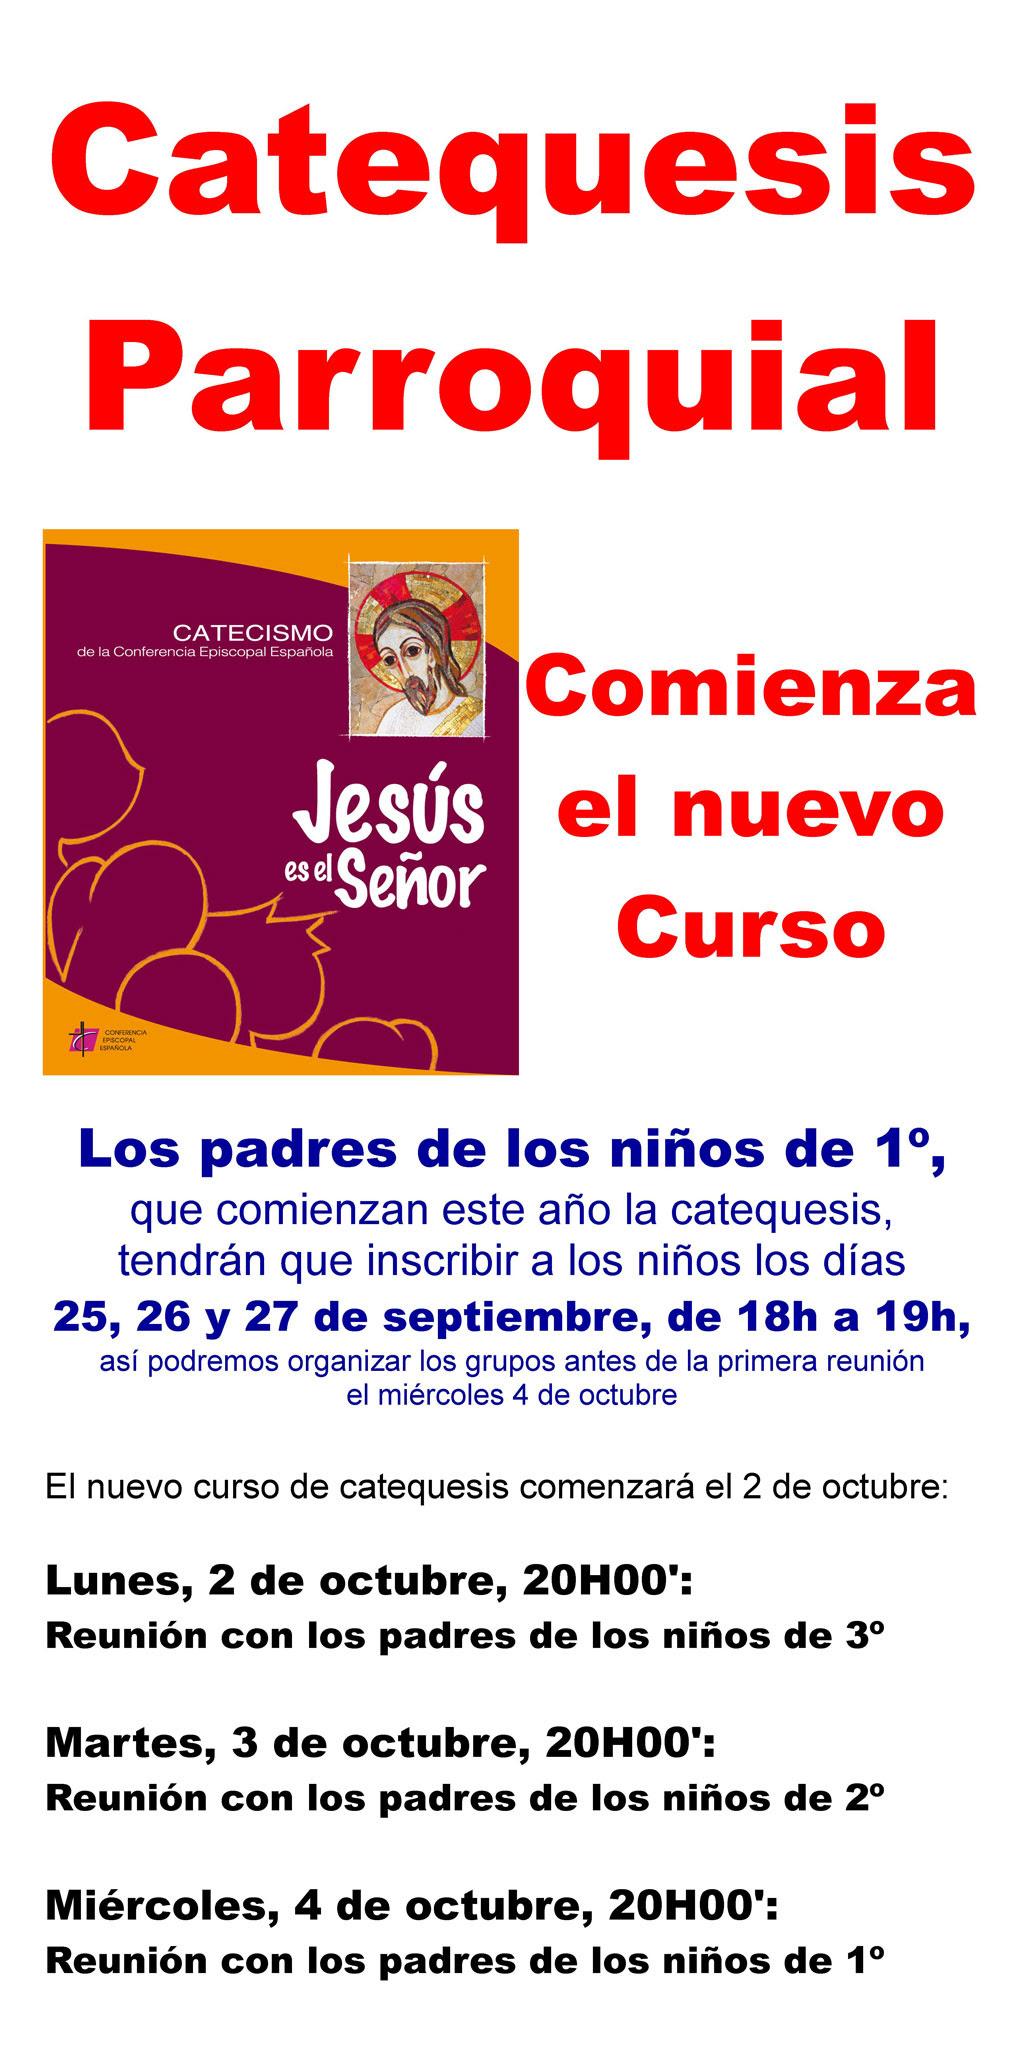 http://www.sotodelamarina.com/2017/09/DI/Cartel-Comienzo-de-Curso-Catequesis.jpg